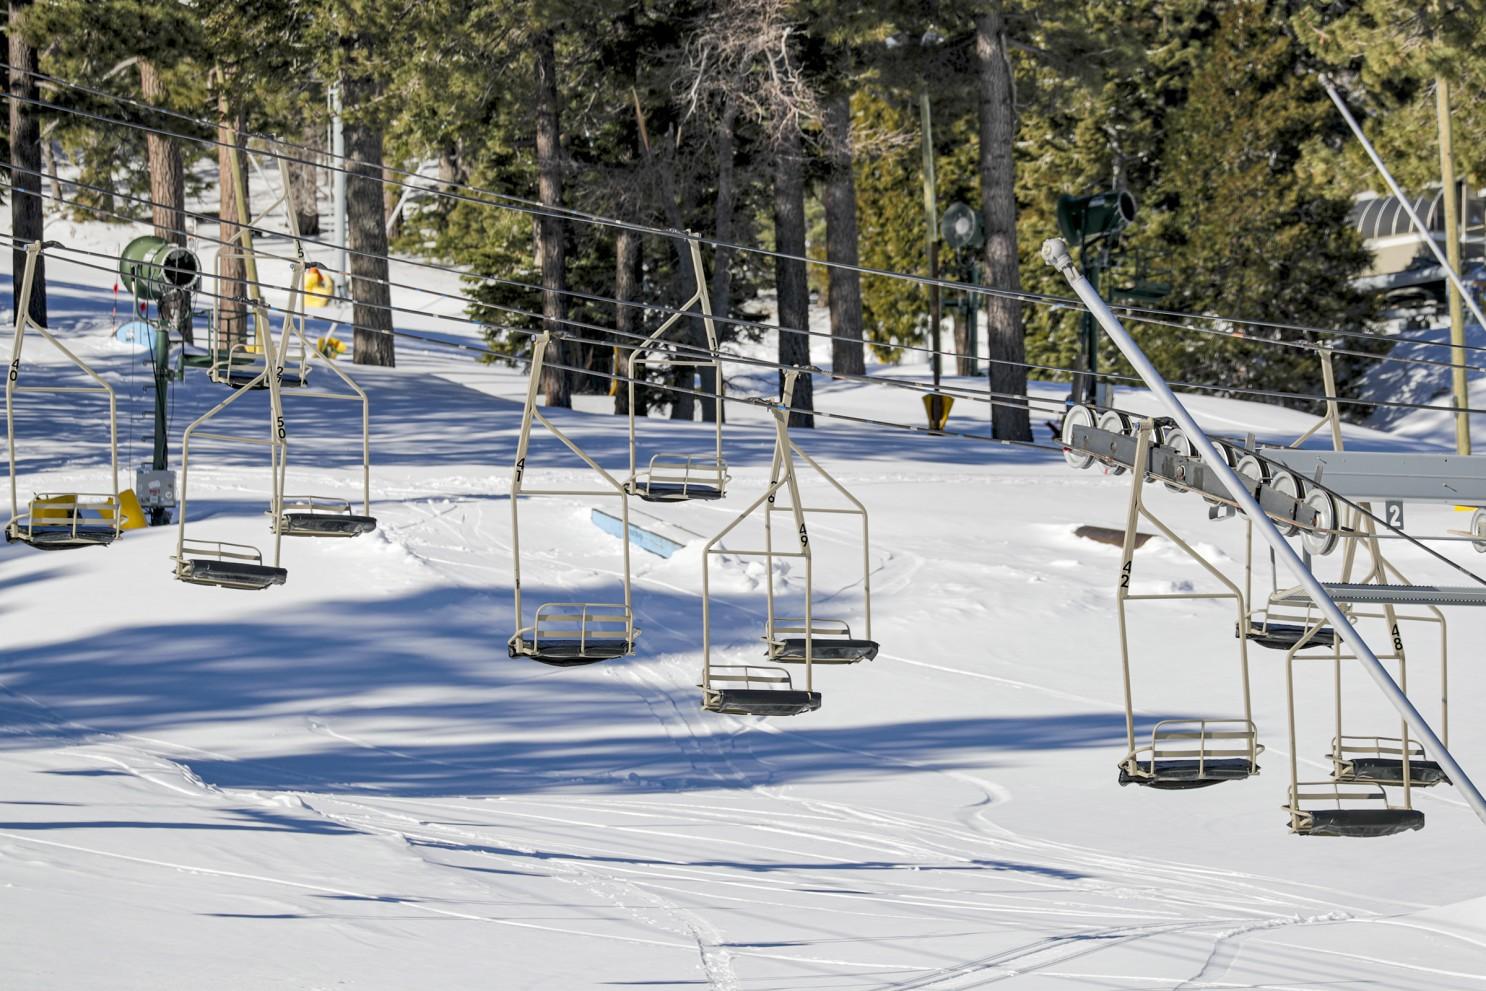 圣伯纳迪诺县高山雪场4名工作人员感染新冠